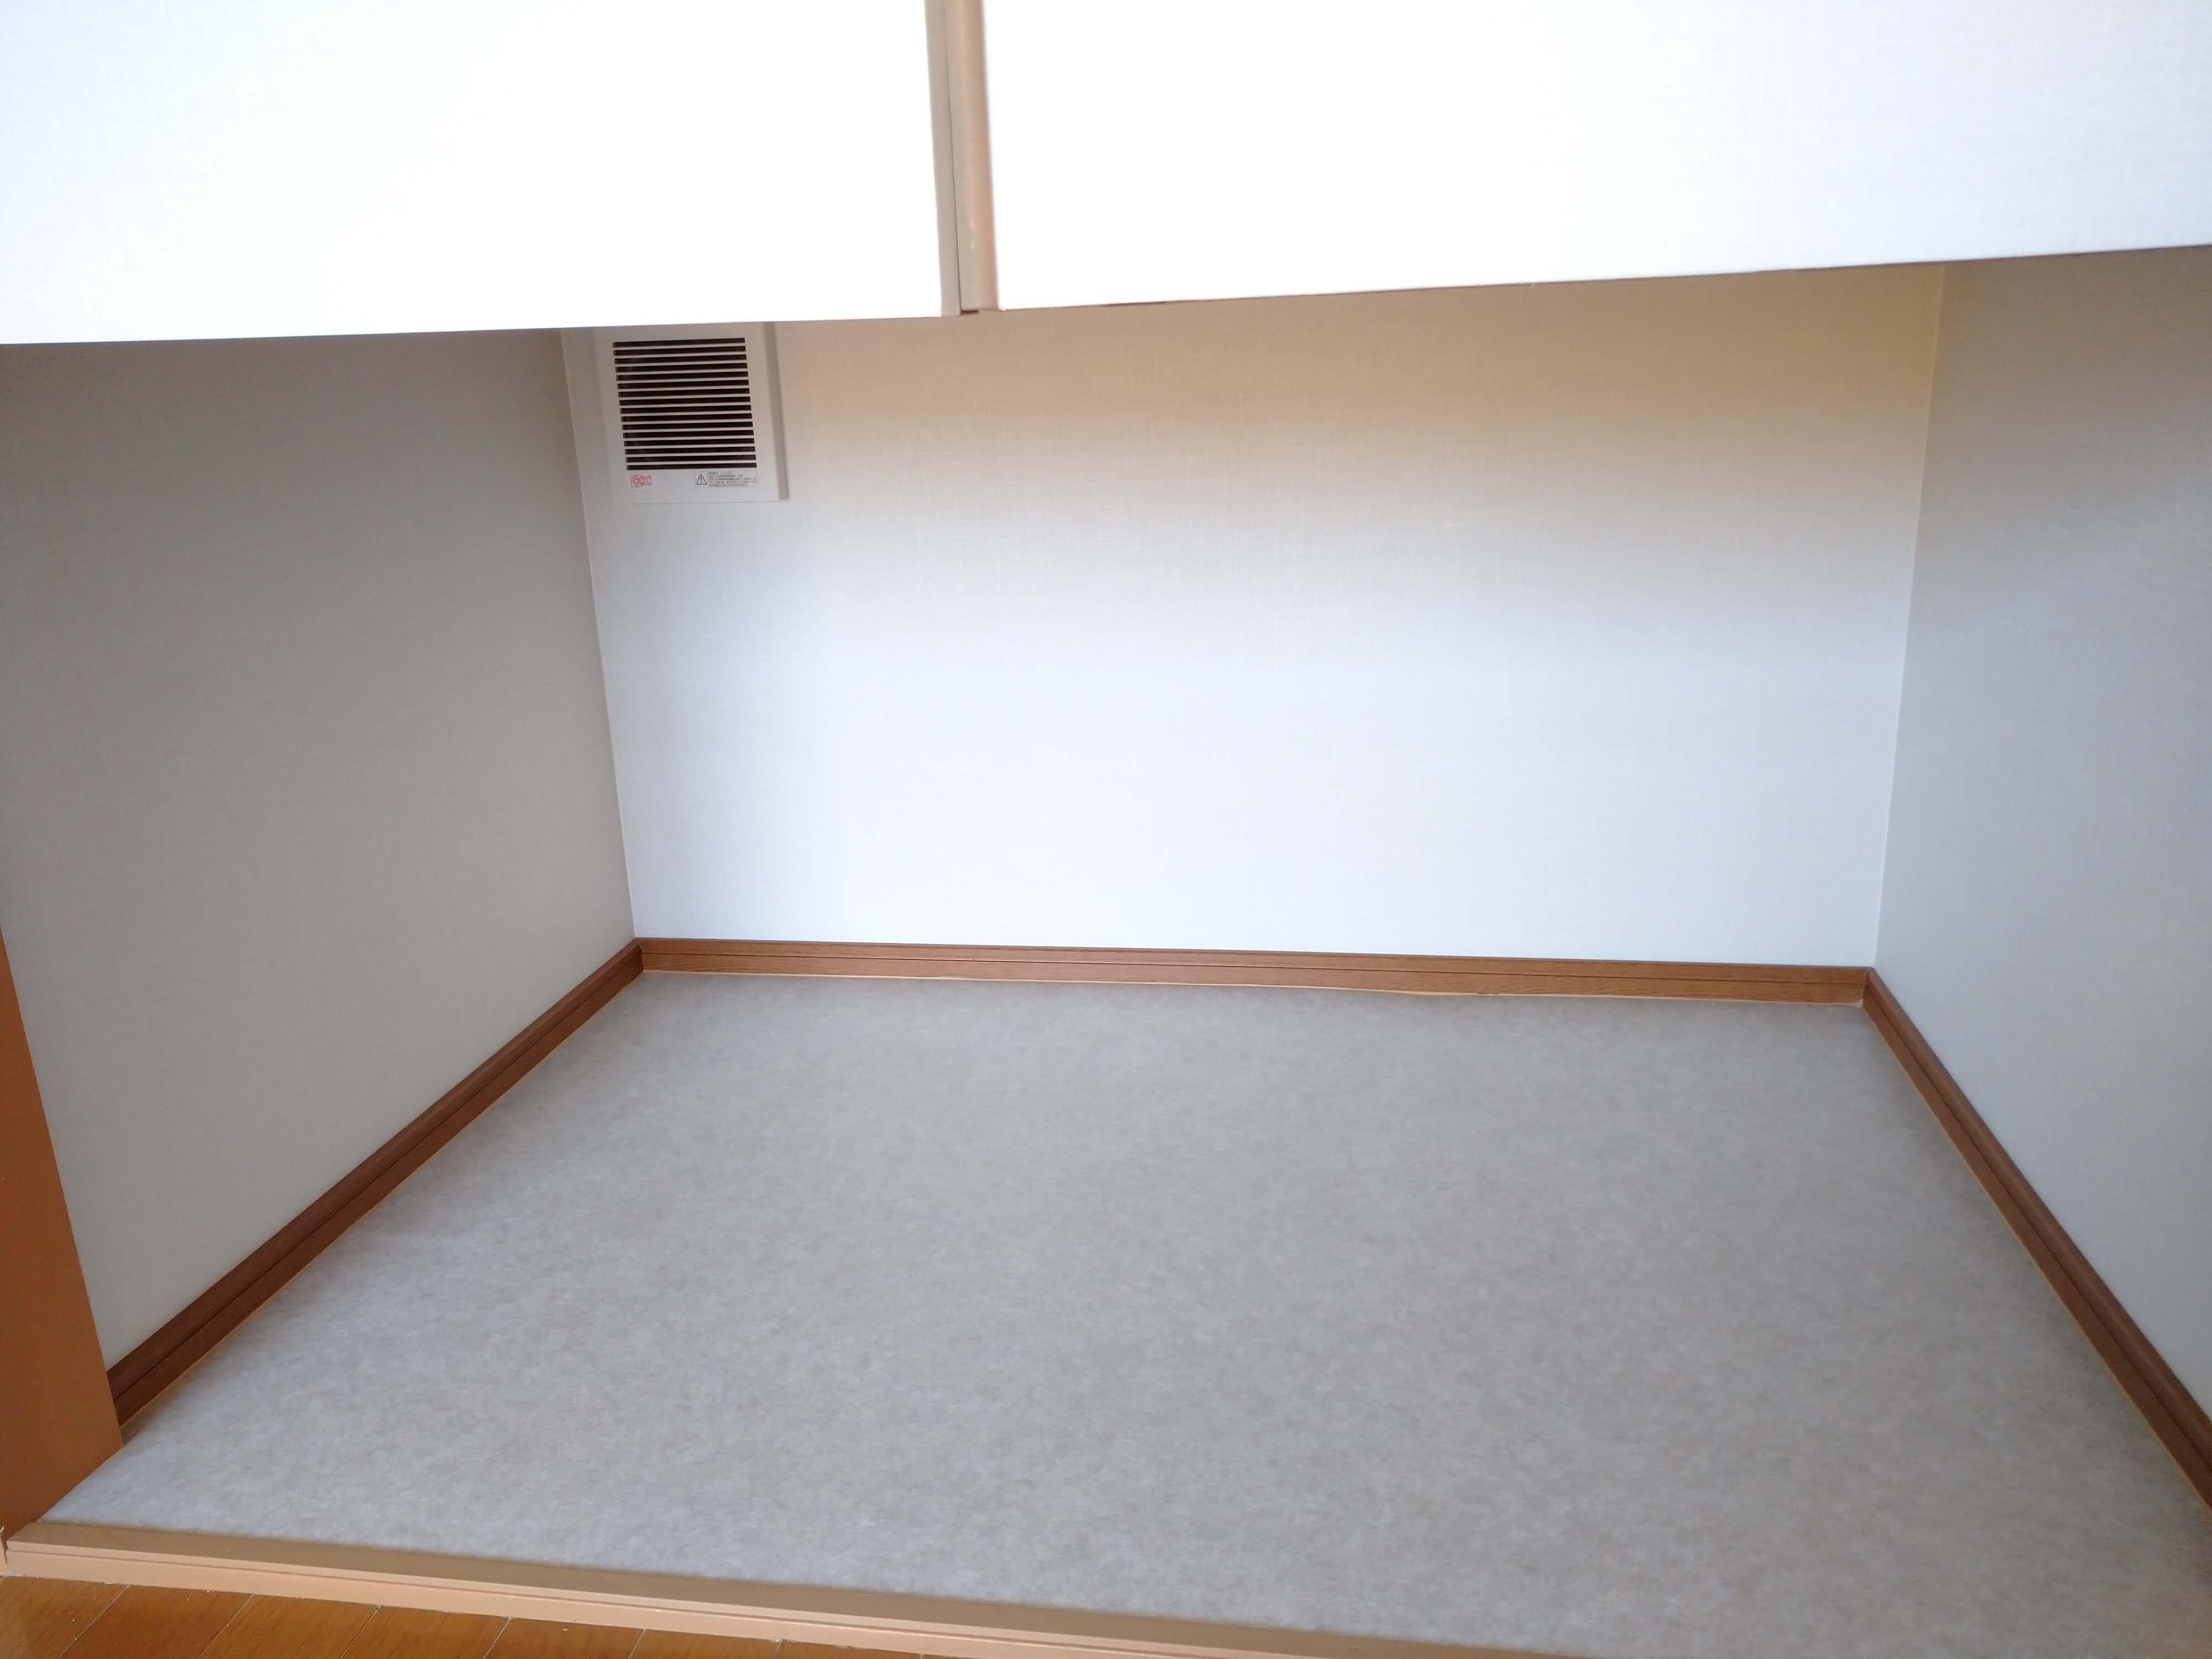 ★102号室の画像です。 猫さん用のトイレ置き場。こちらも換気扇付きです。